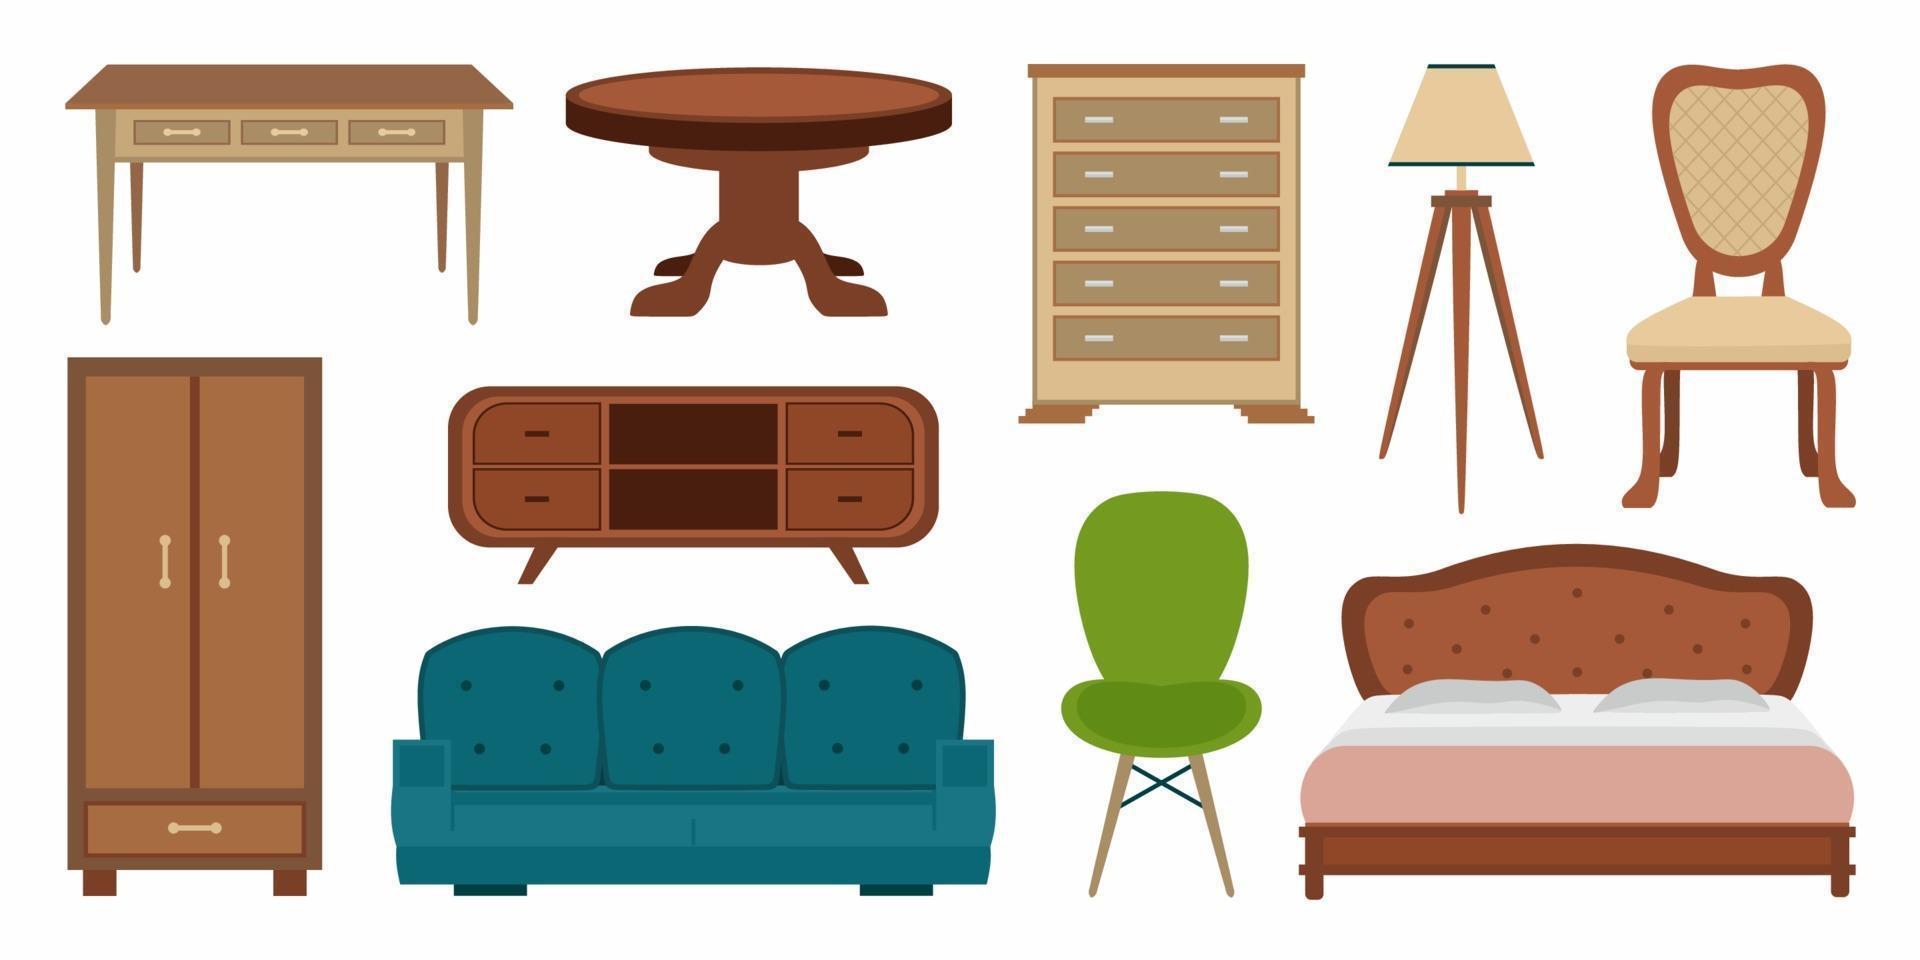 muebles cómodos de estilo vintage y decoraciones modernas para el hogar se combinan en un moderno estilo de dibujos animados. colecciones de elementos de vector plano de diseño de interiores aislados en un fondo blanco. ilustración vectorial